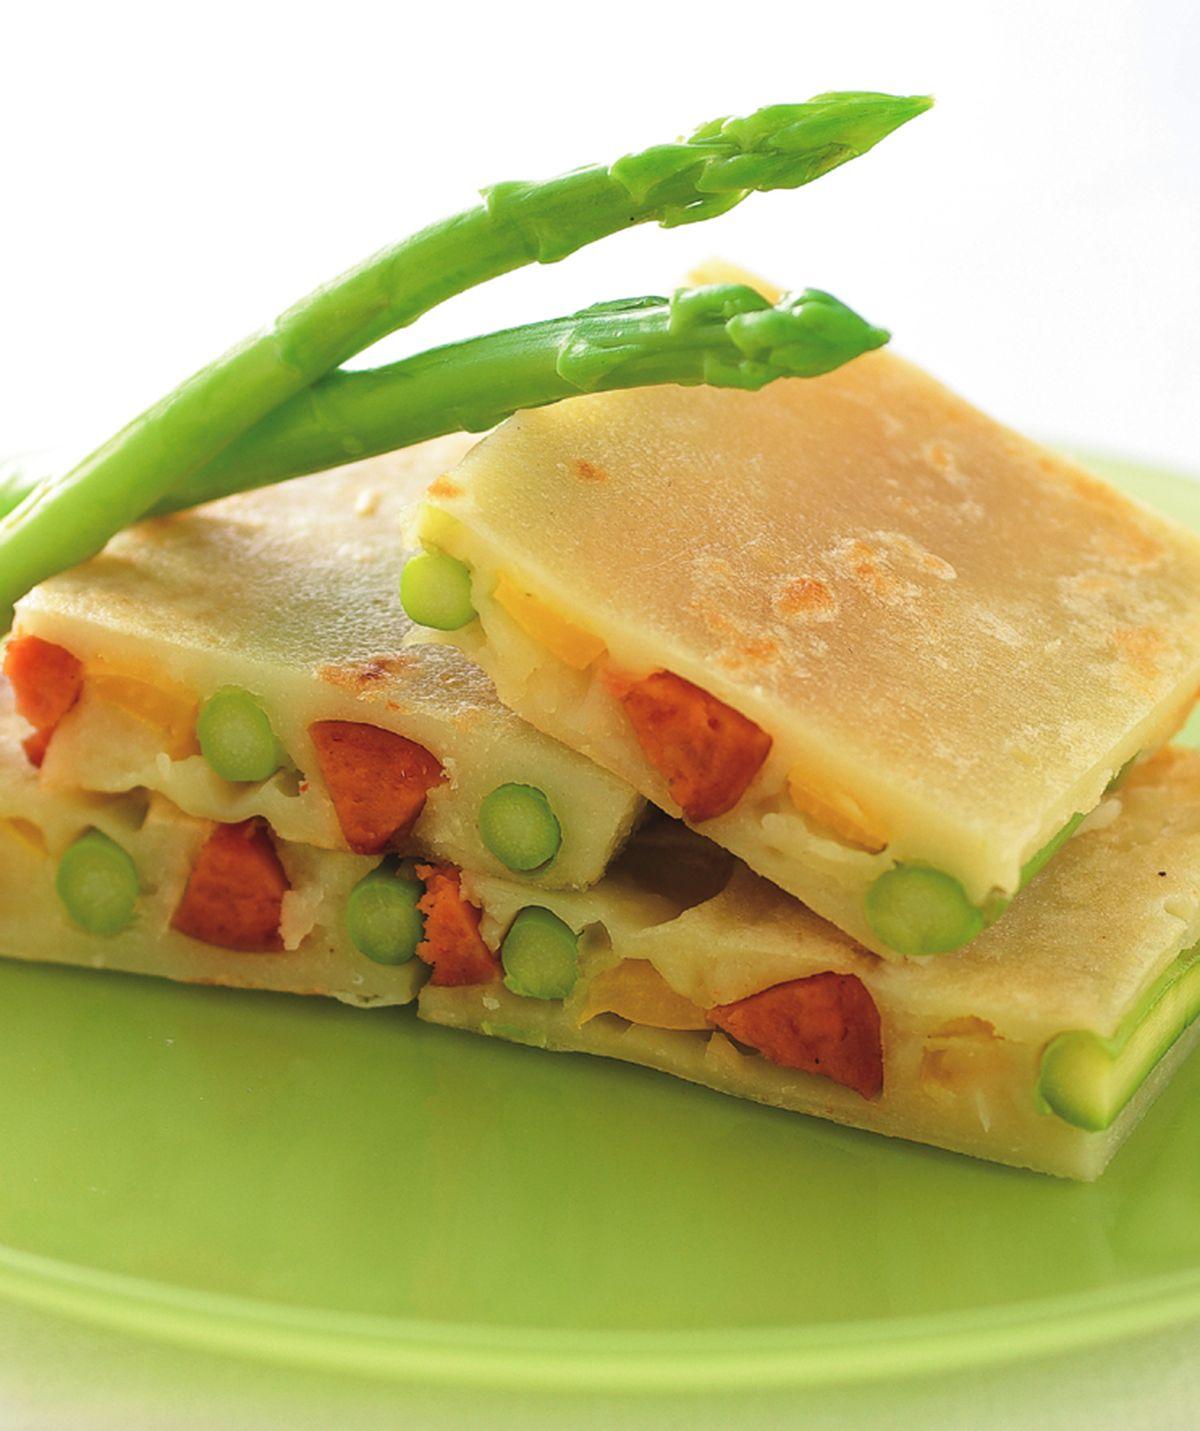 食譜:蘆筍熱狗煎餅